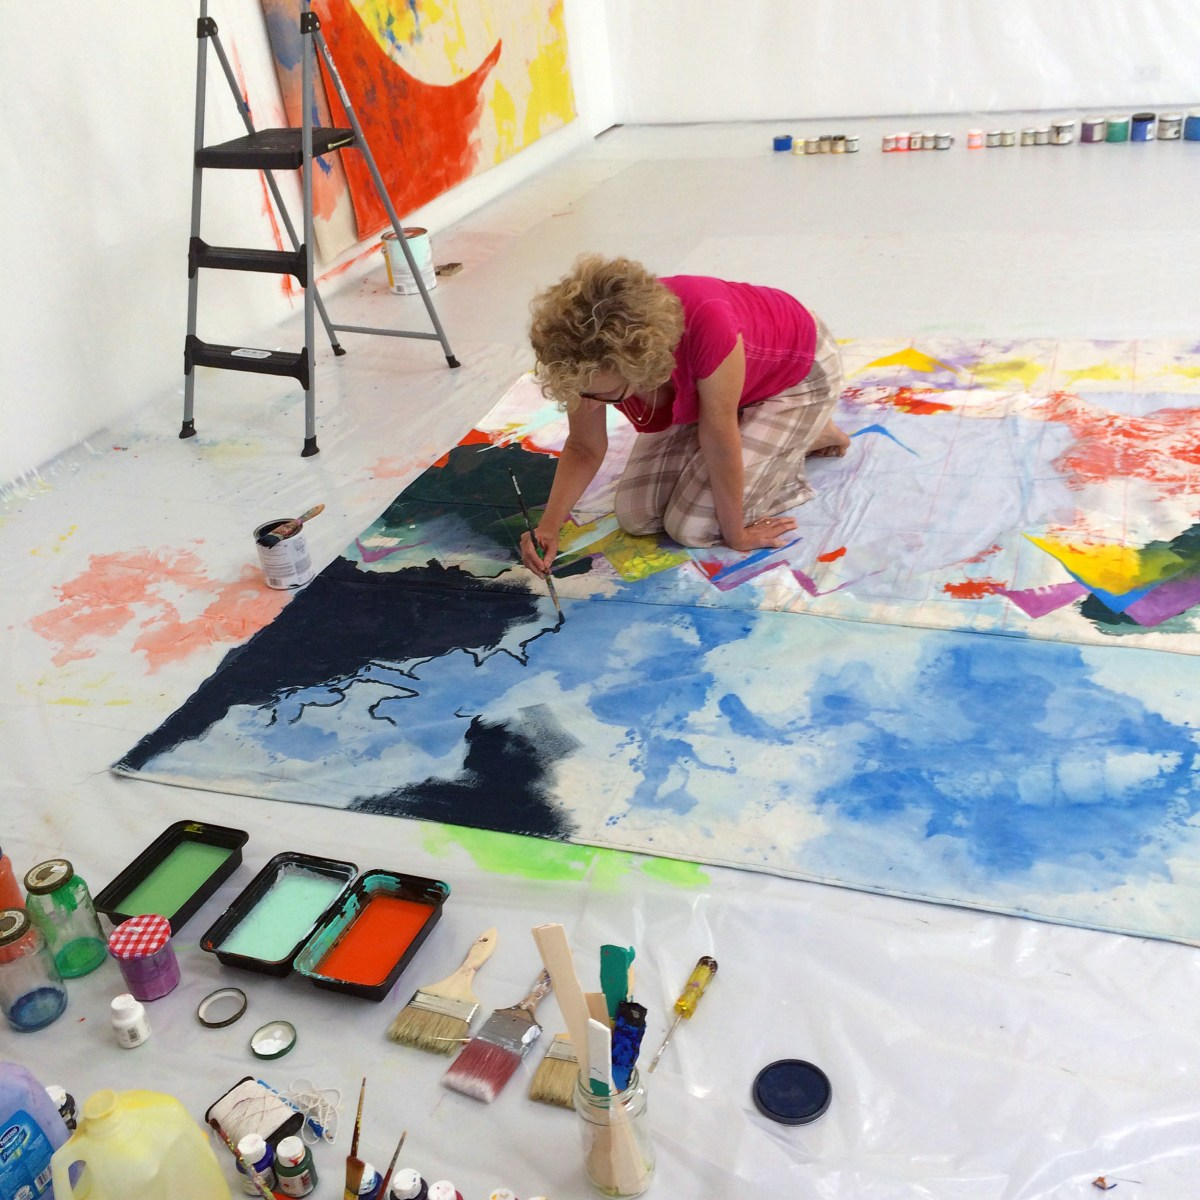 Anne Sherwood Pundyk studio image 3